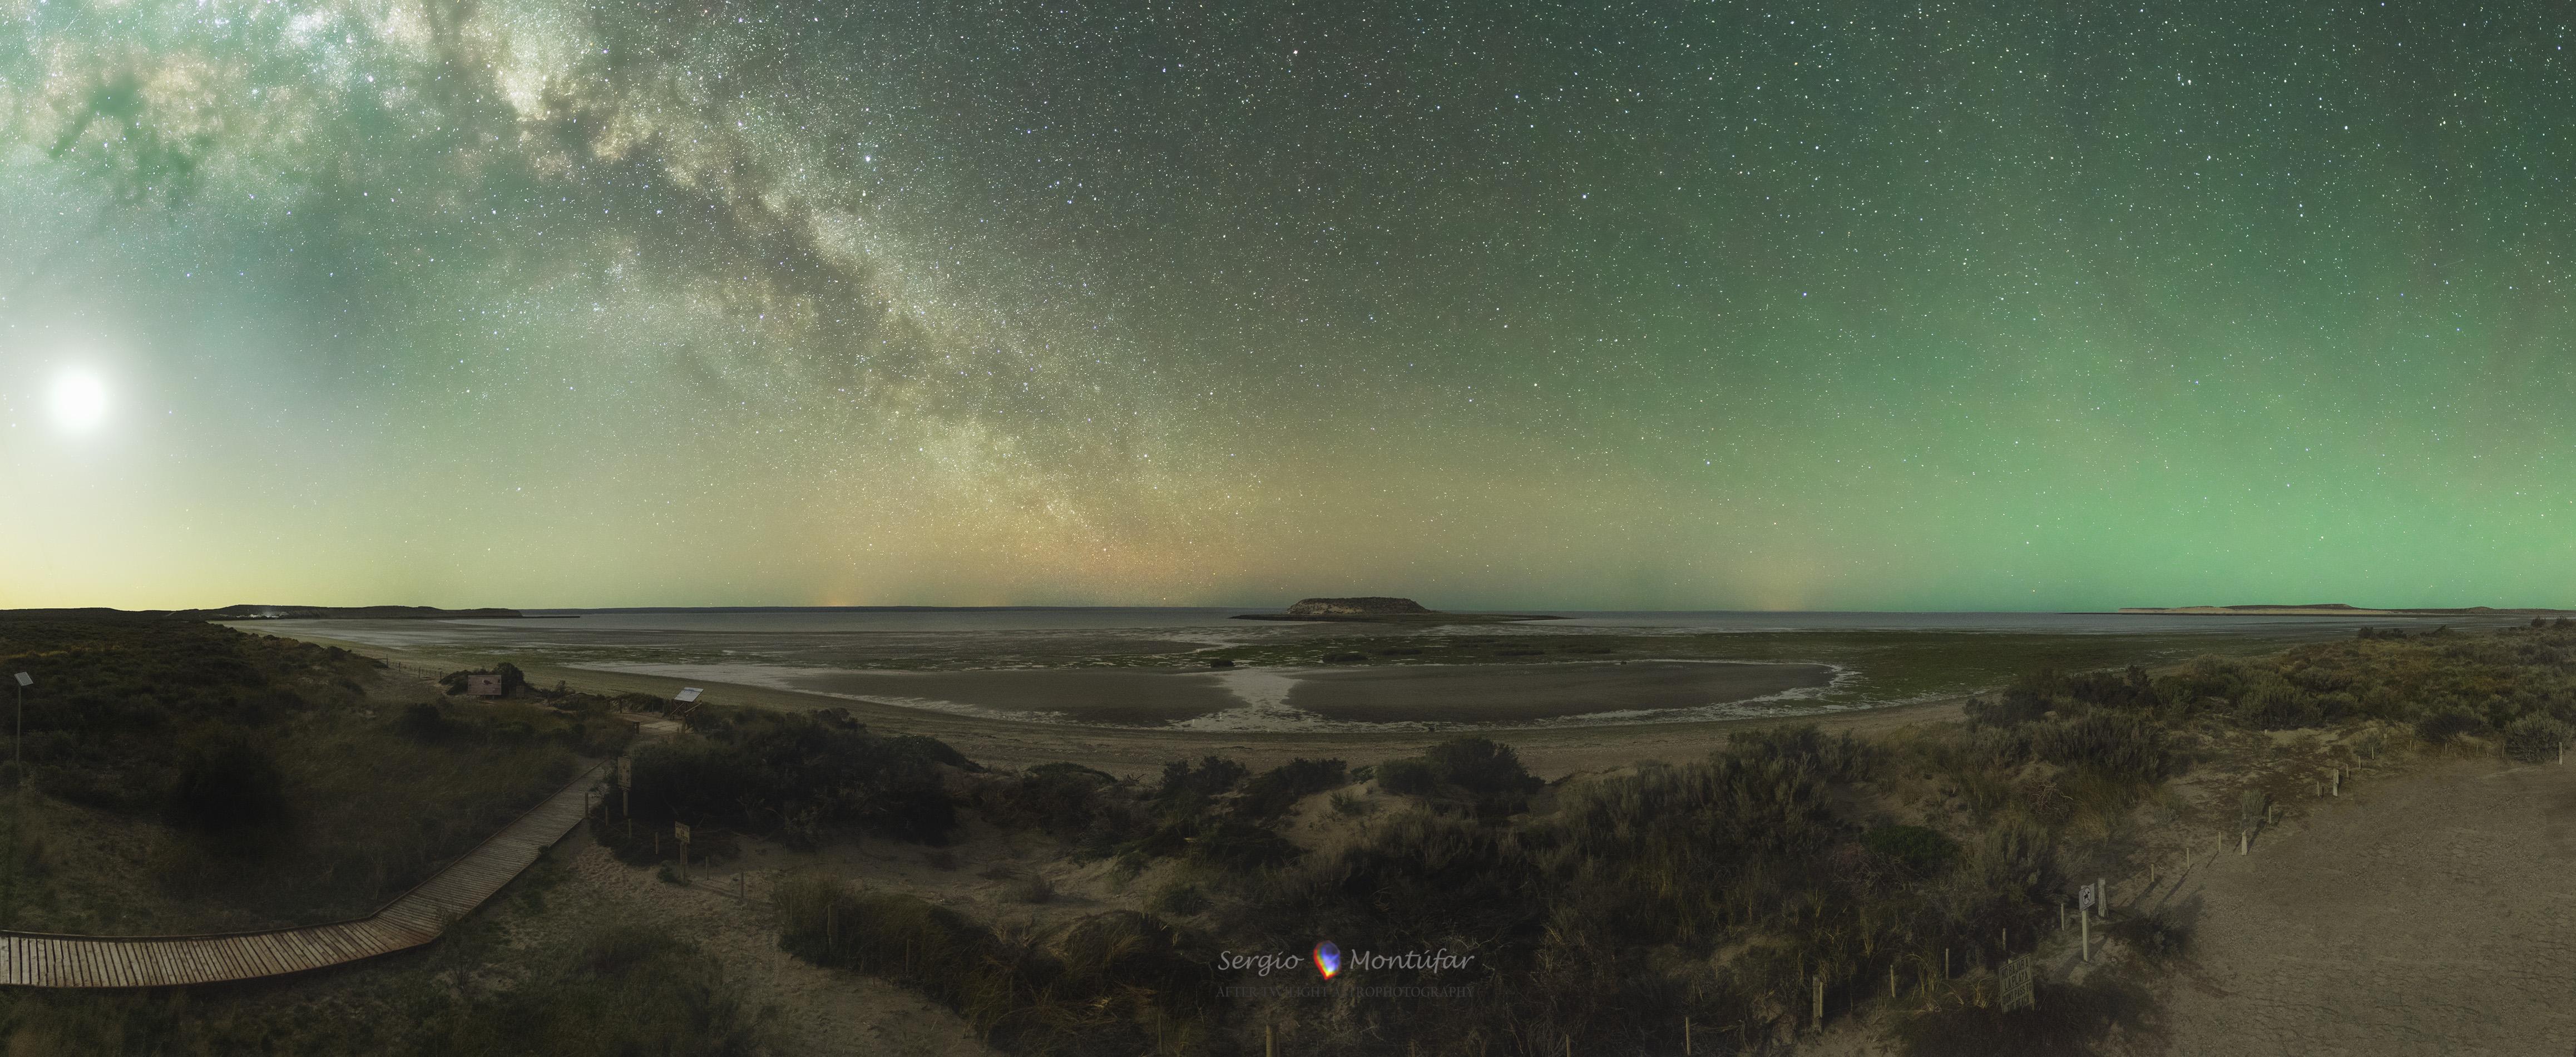 Isla de los Pajaros and Milky Way by Montúfar